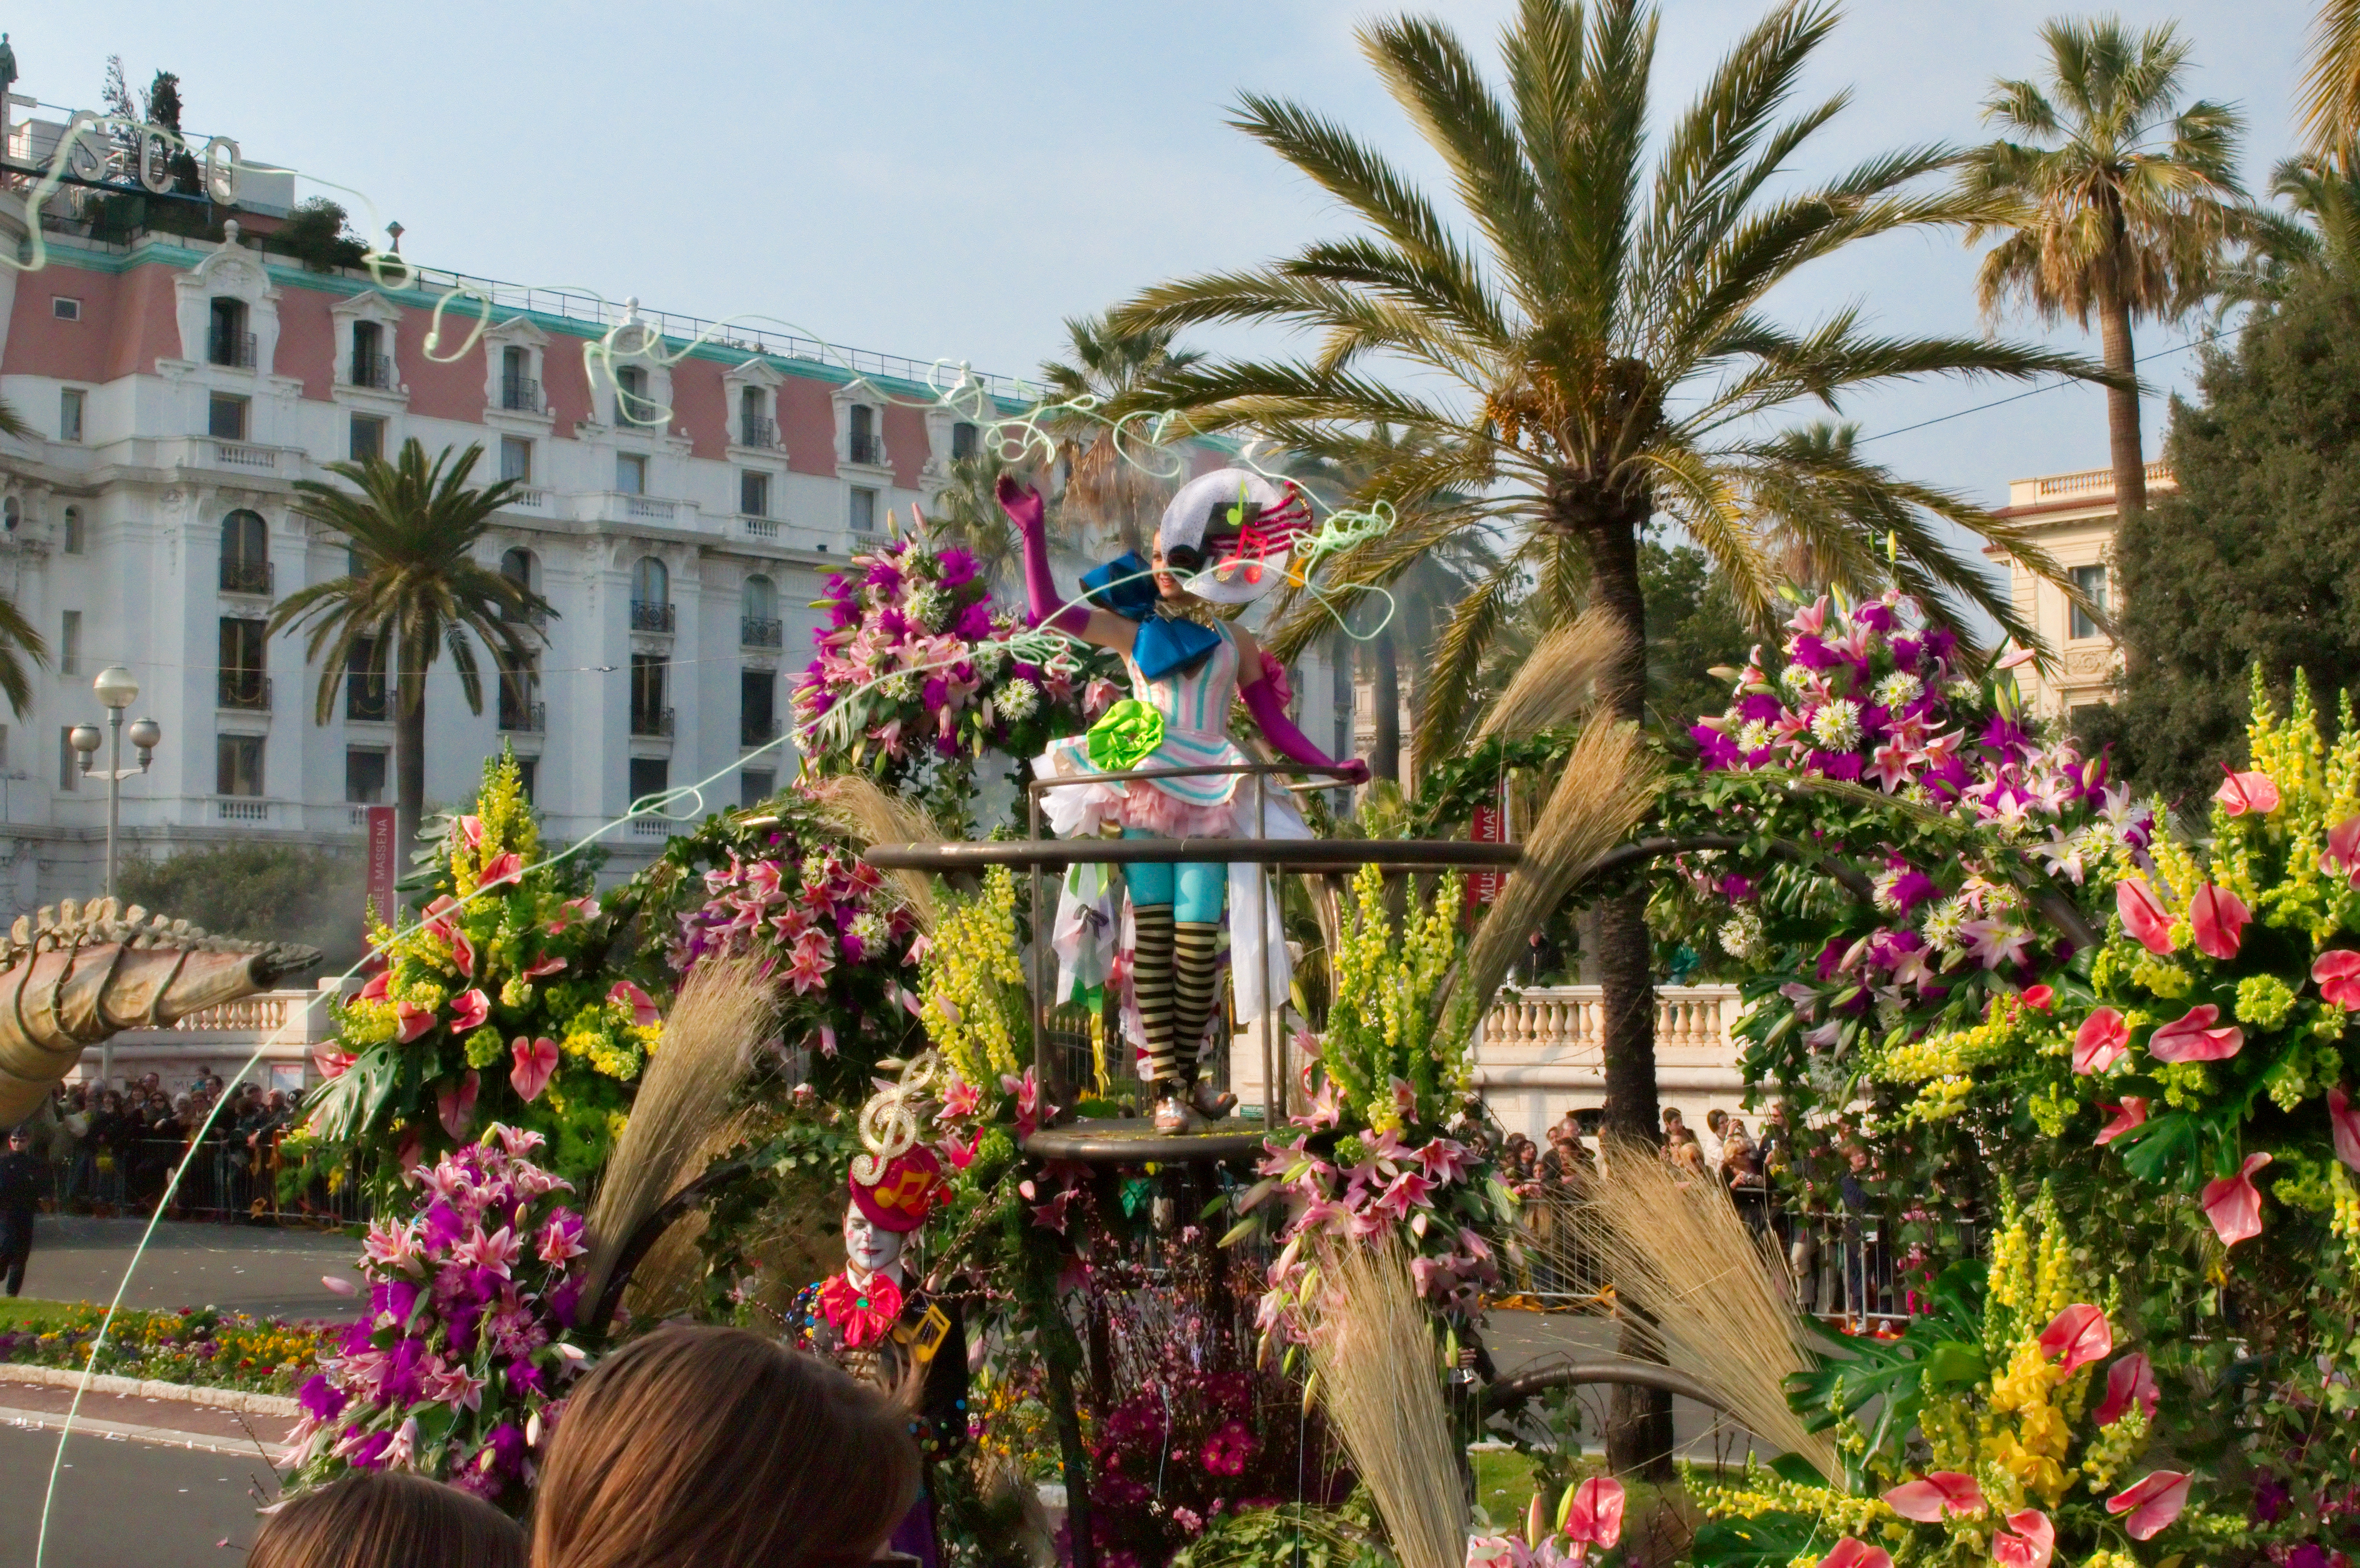 Carnaval_de_Nice_-_bataille_de_fleurs_-_15